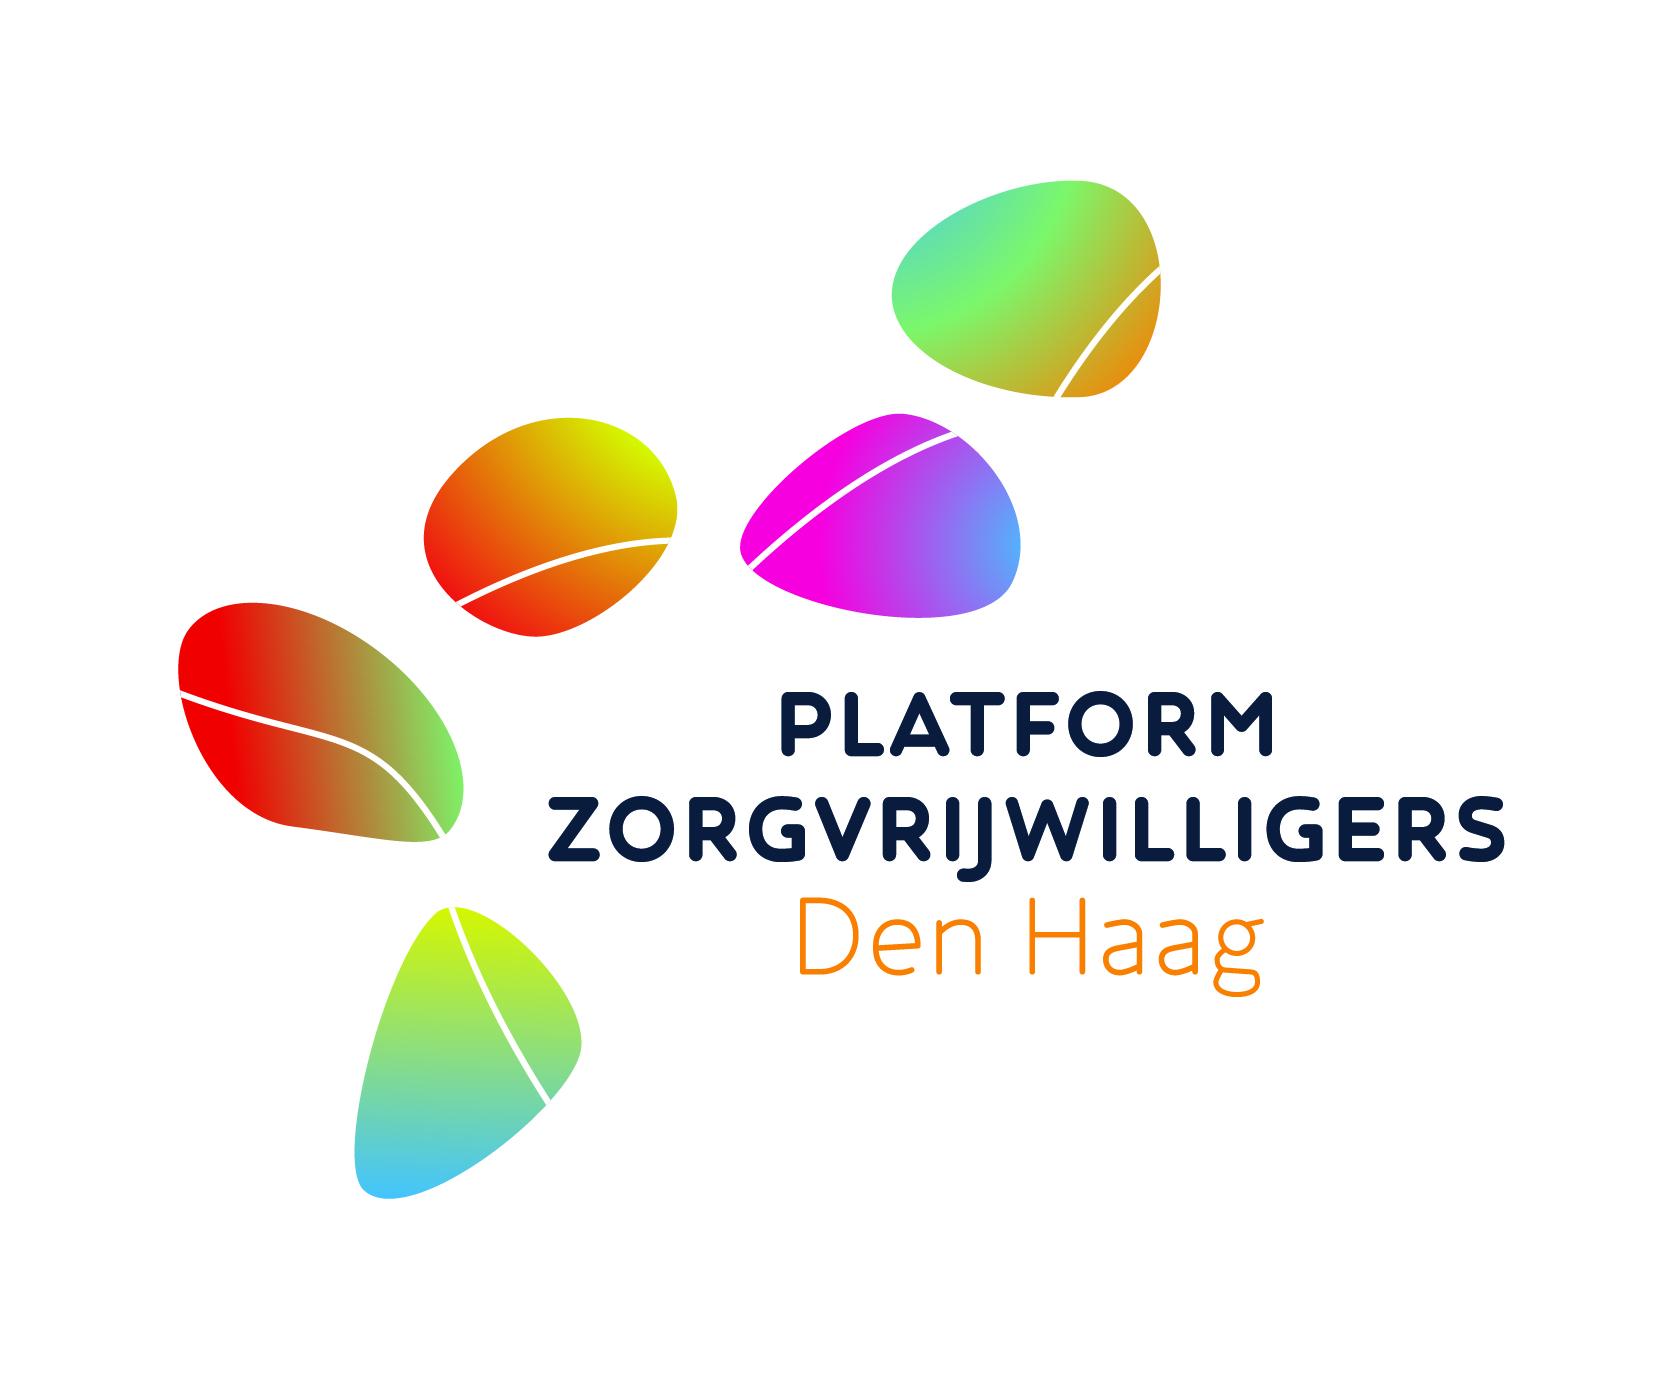 Platform Zorgvrijwilligers